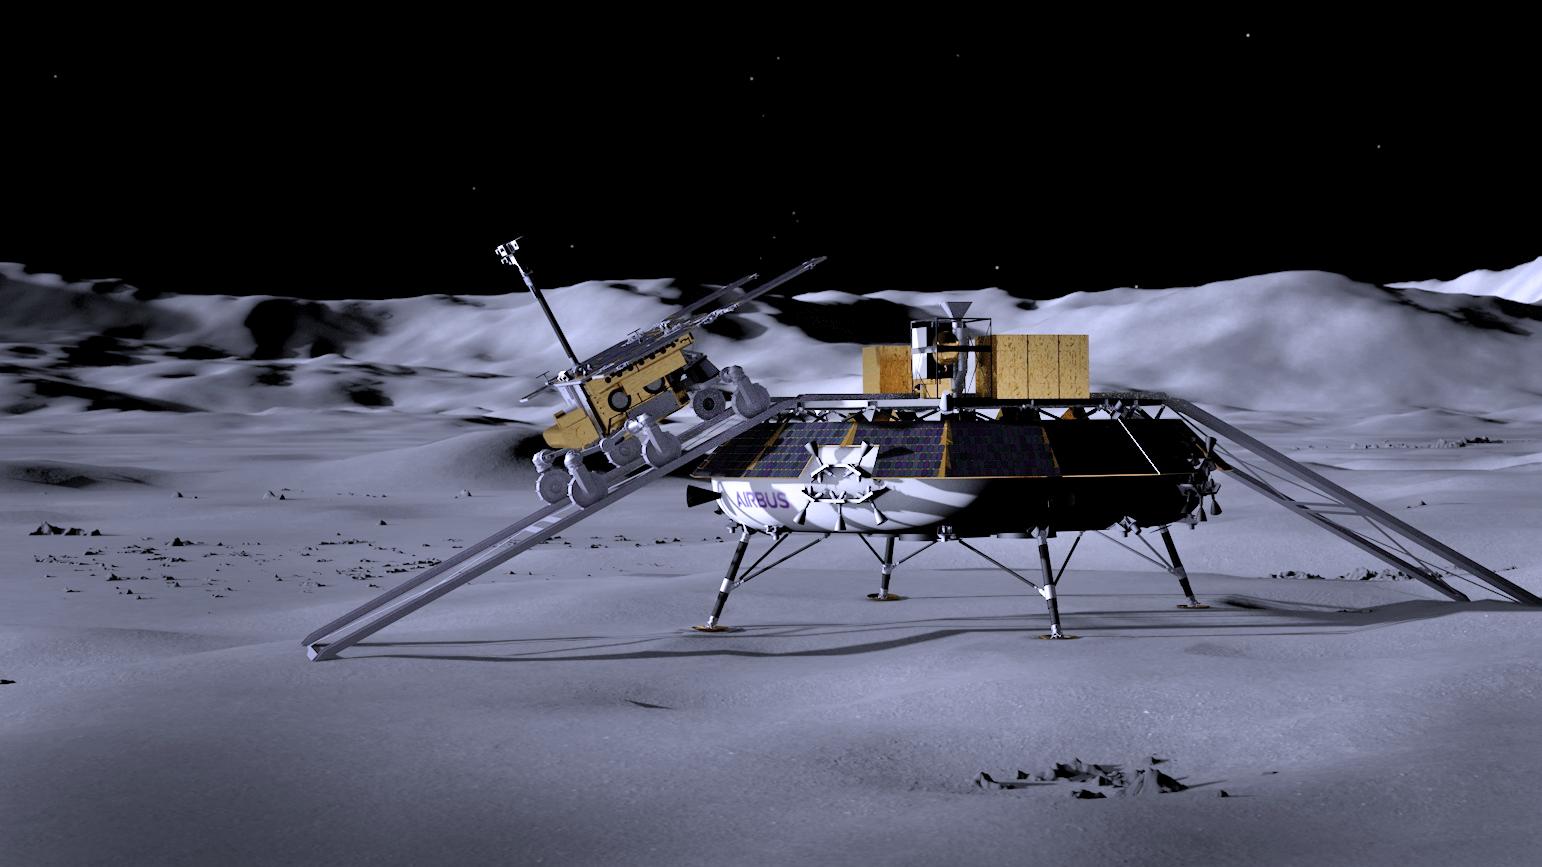 Airbus Moon lander de la ESA 2